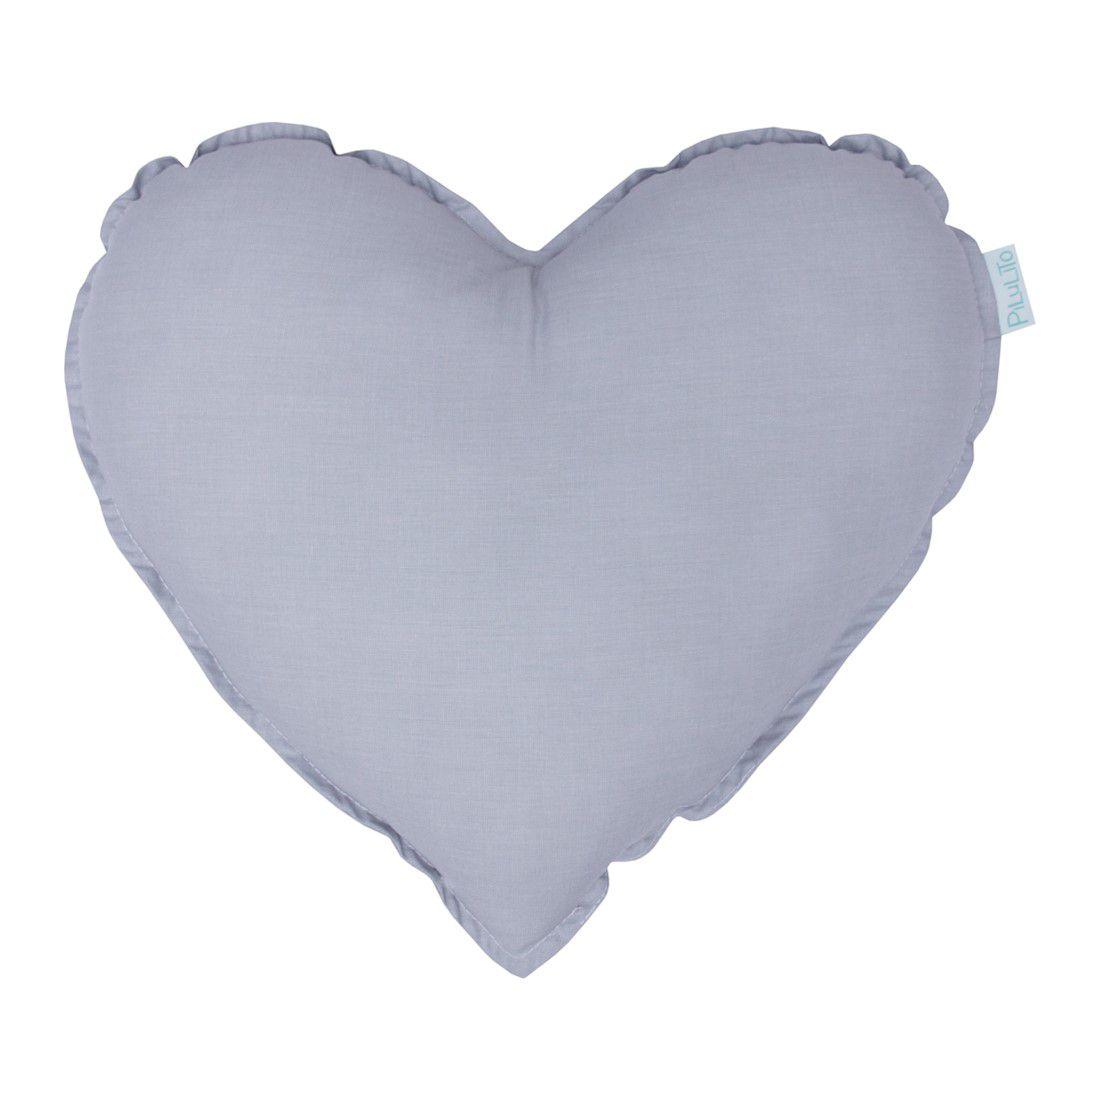 Almofada coração cinza névoa